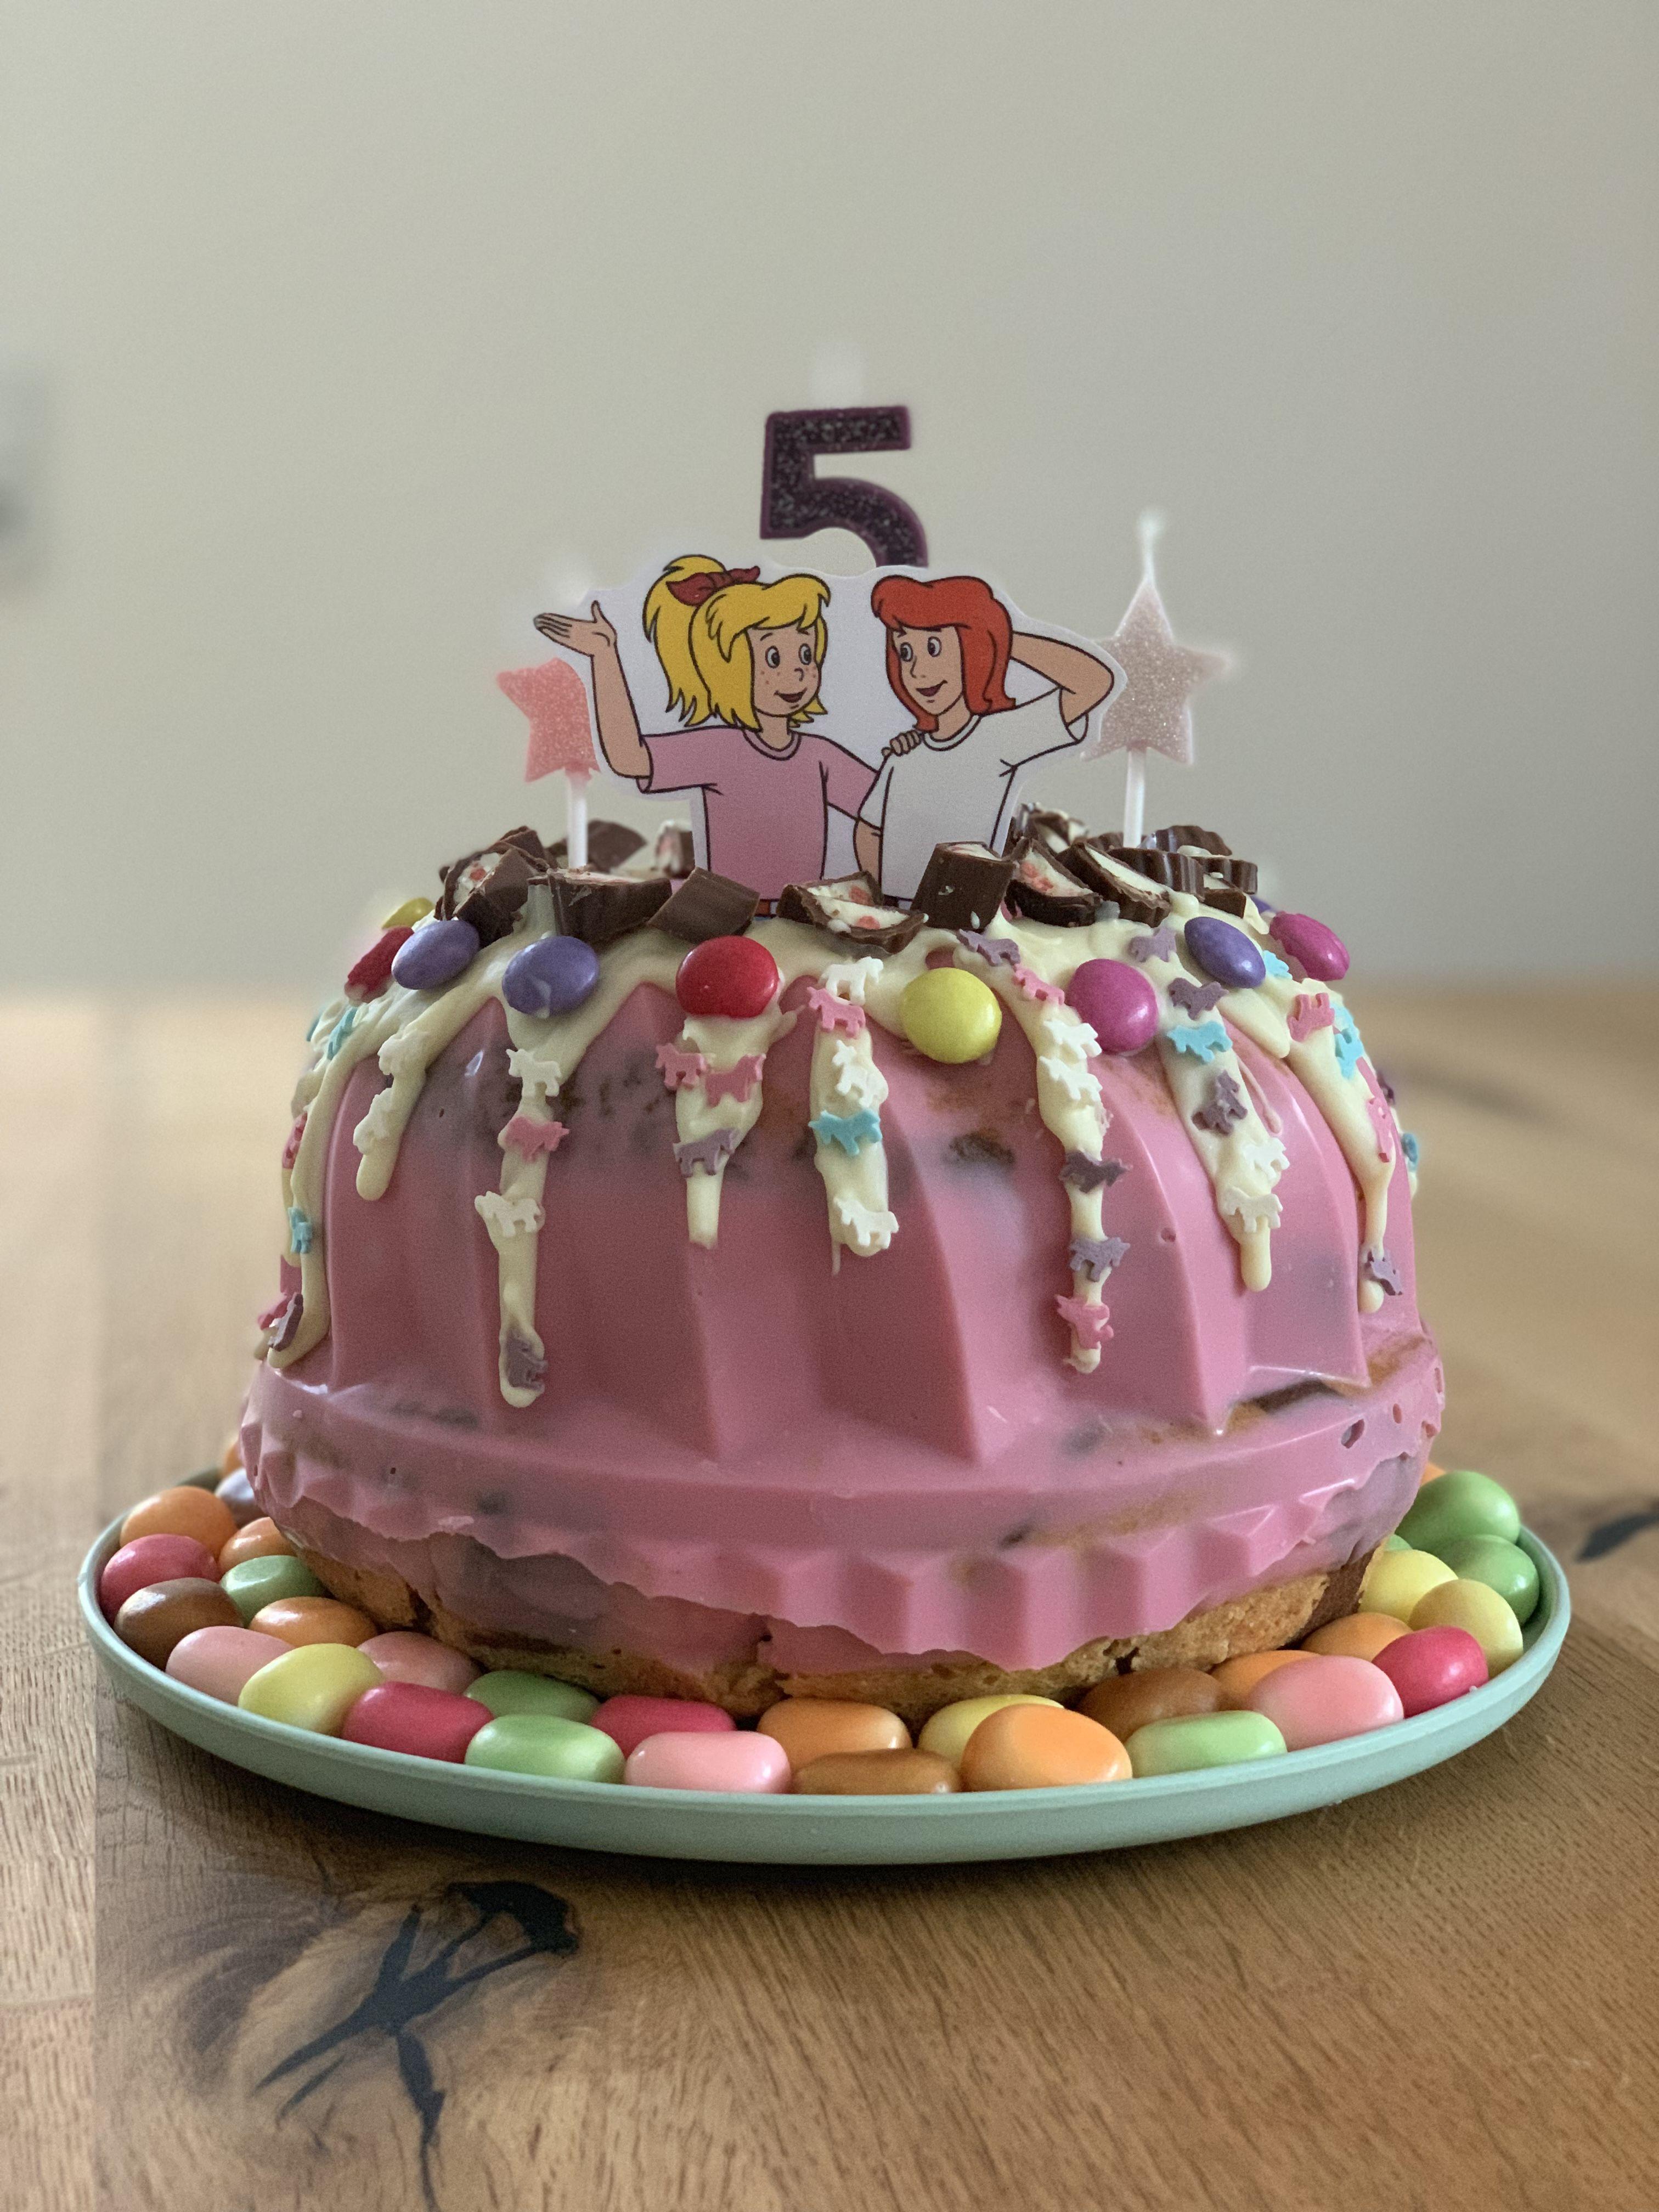 Kindergeburtstag Bibiundtinakuchen Candycake Torte Kindergeburtstag Bibi Und Tina Torte Einfacher Nachtisch